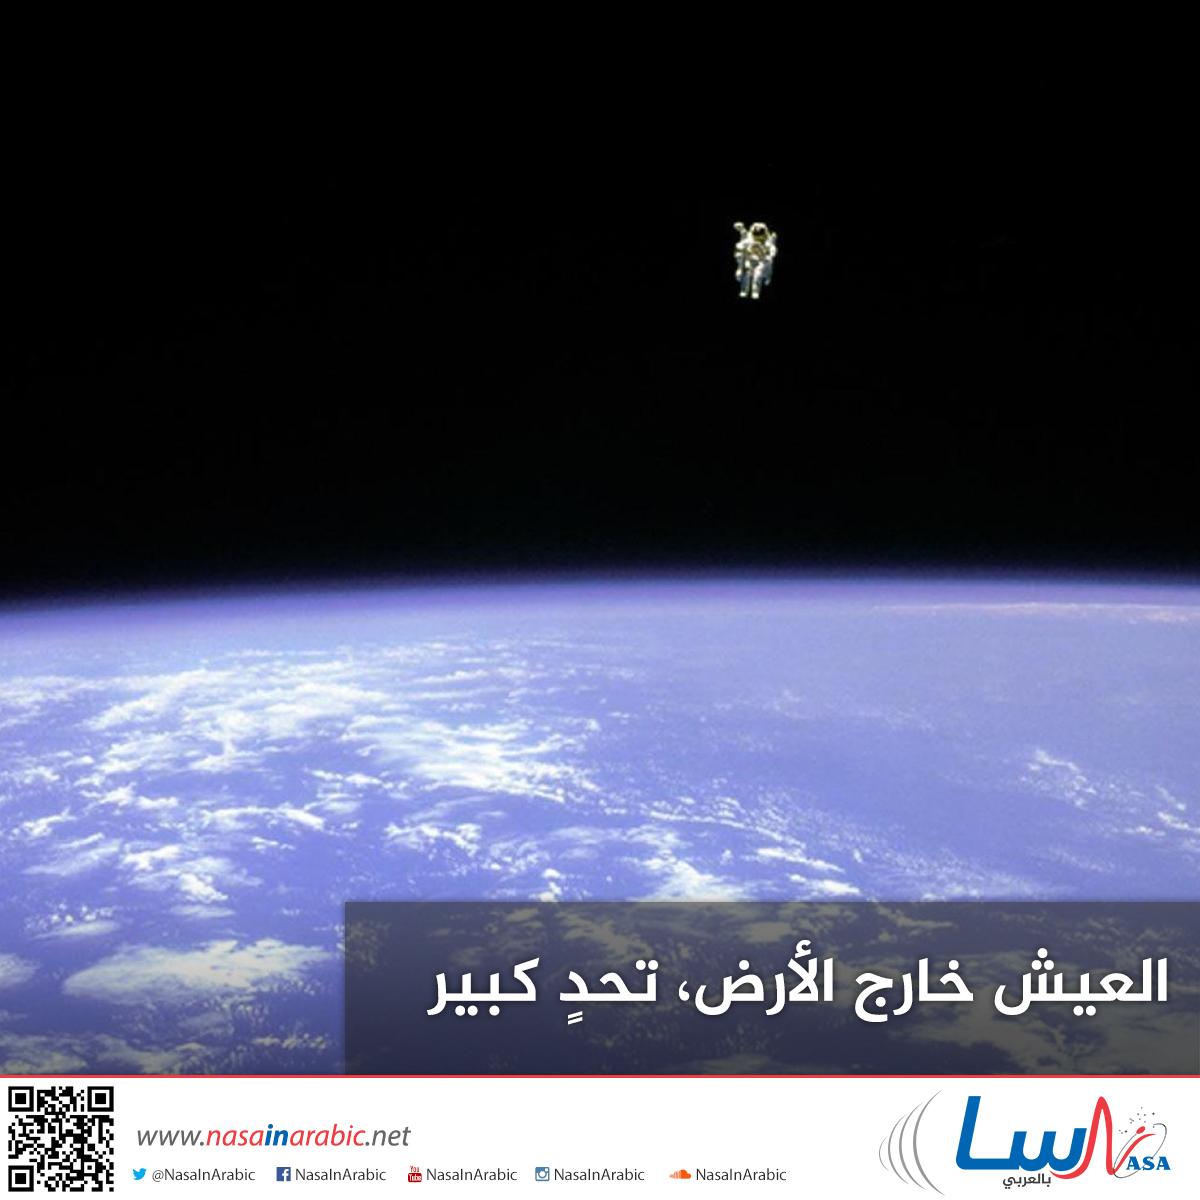 العيش خارج الأرض، تحدٍ كبير